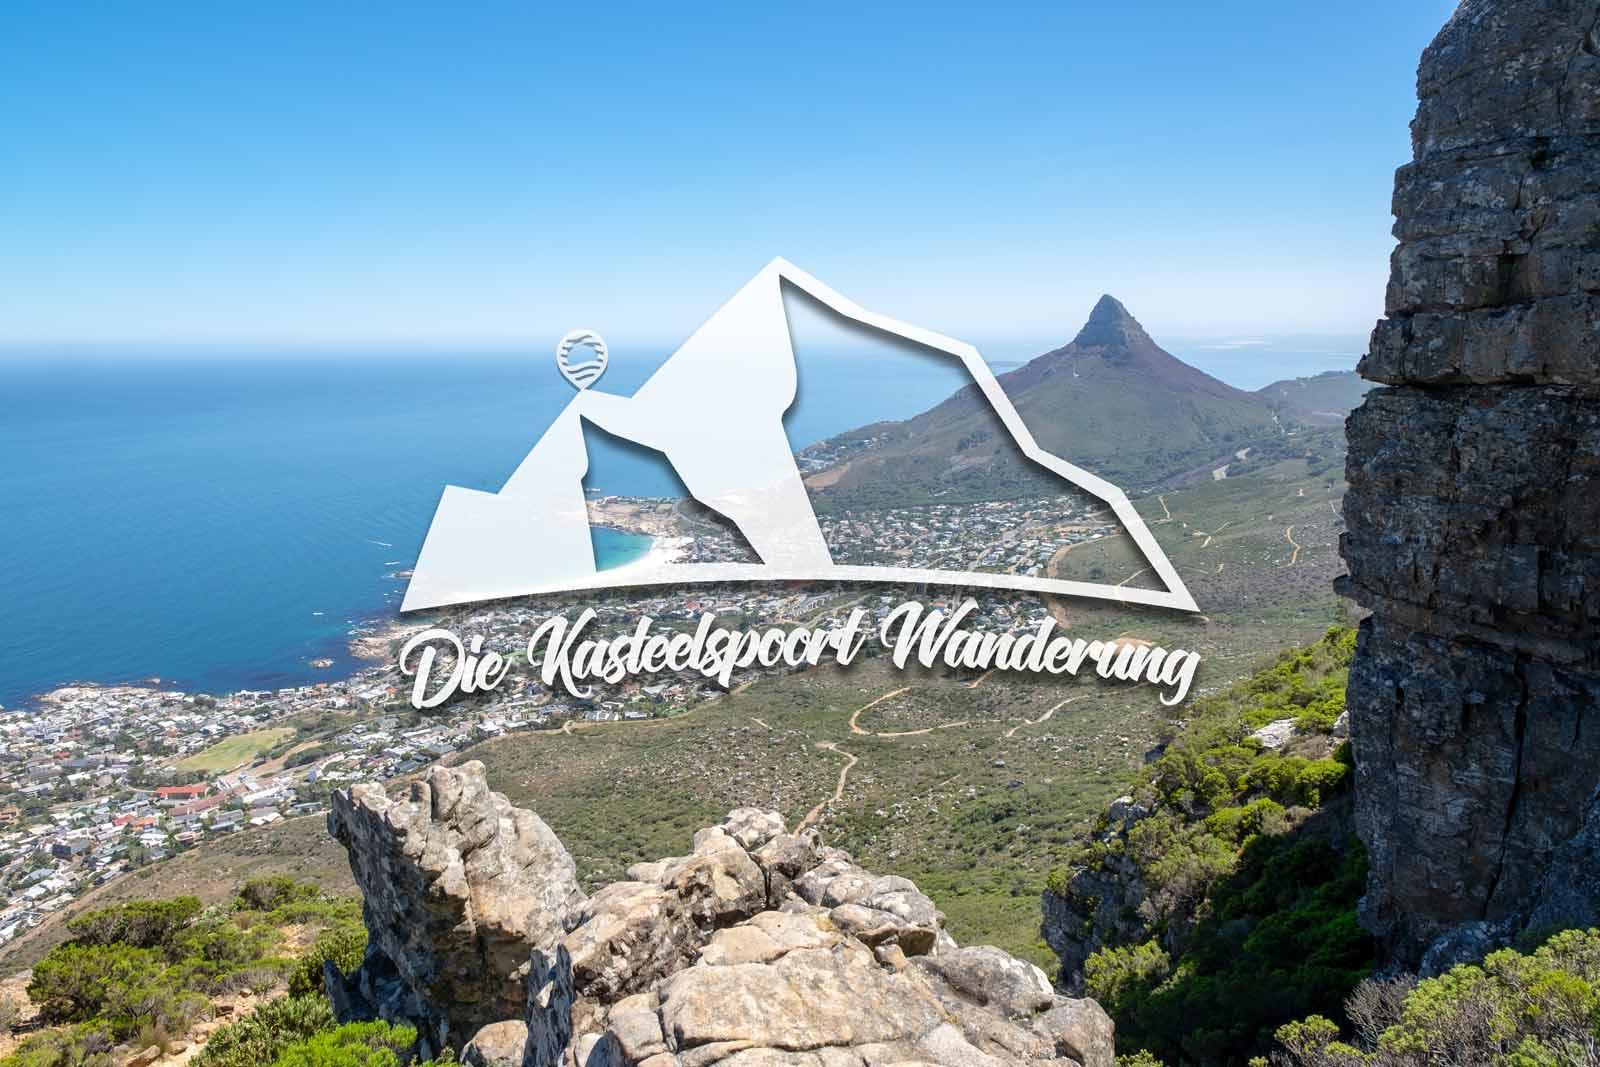 Die Kasteelspoort Wanderung – Der Tafelberg ruft